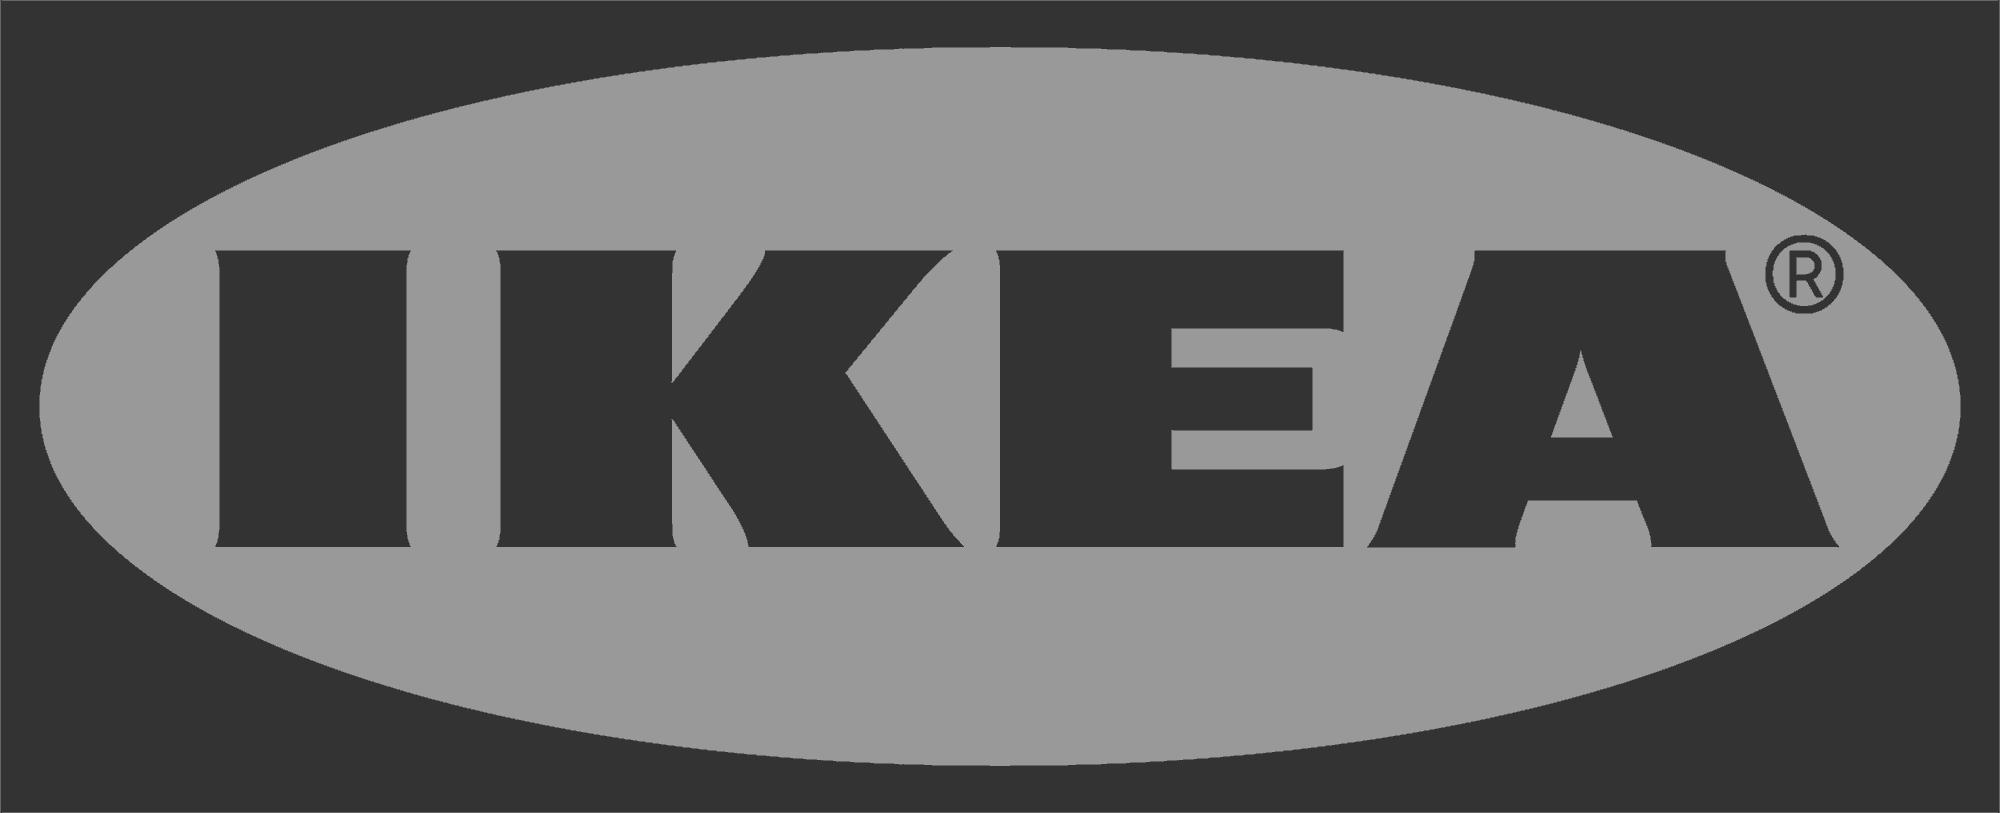 ikea_logo_neu3